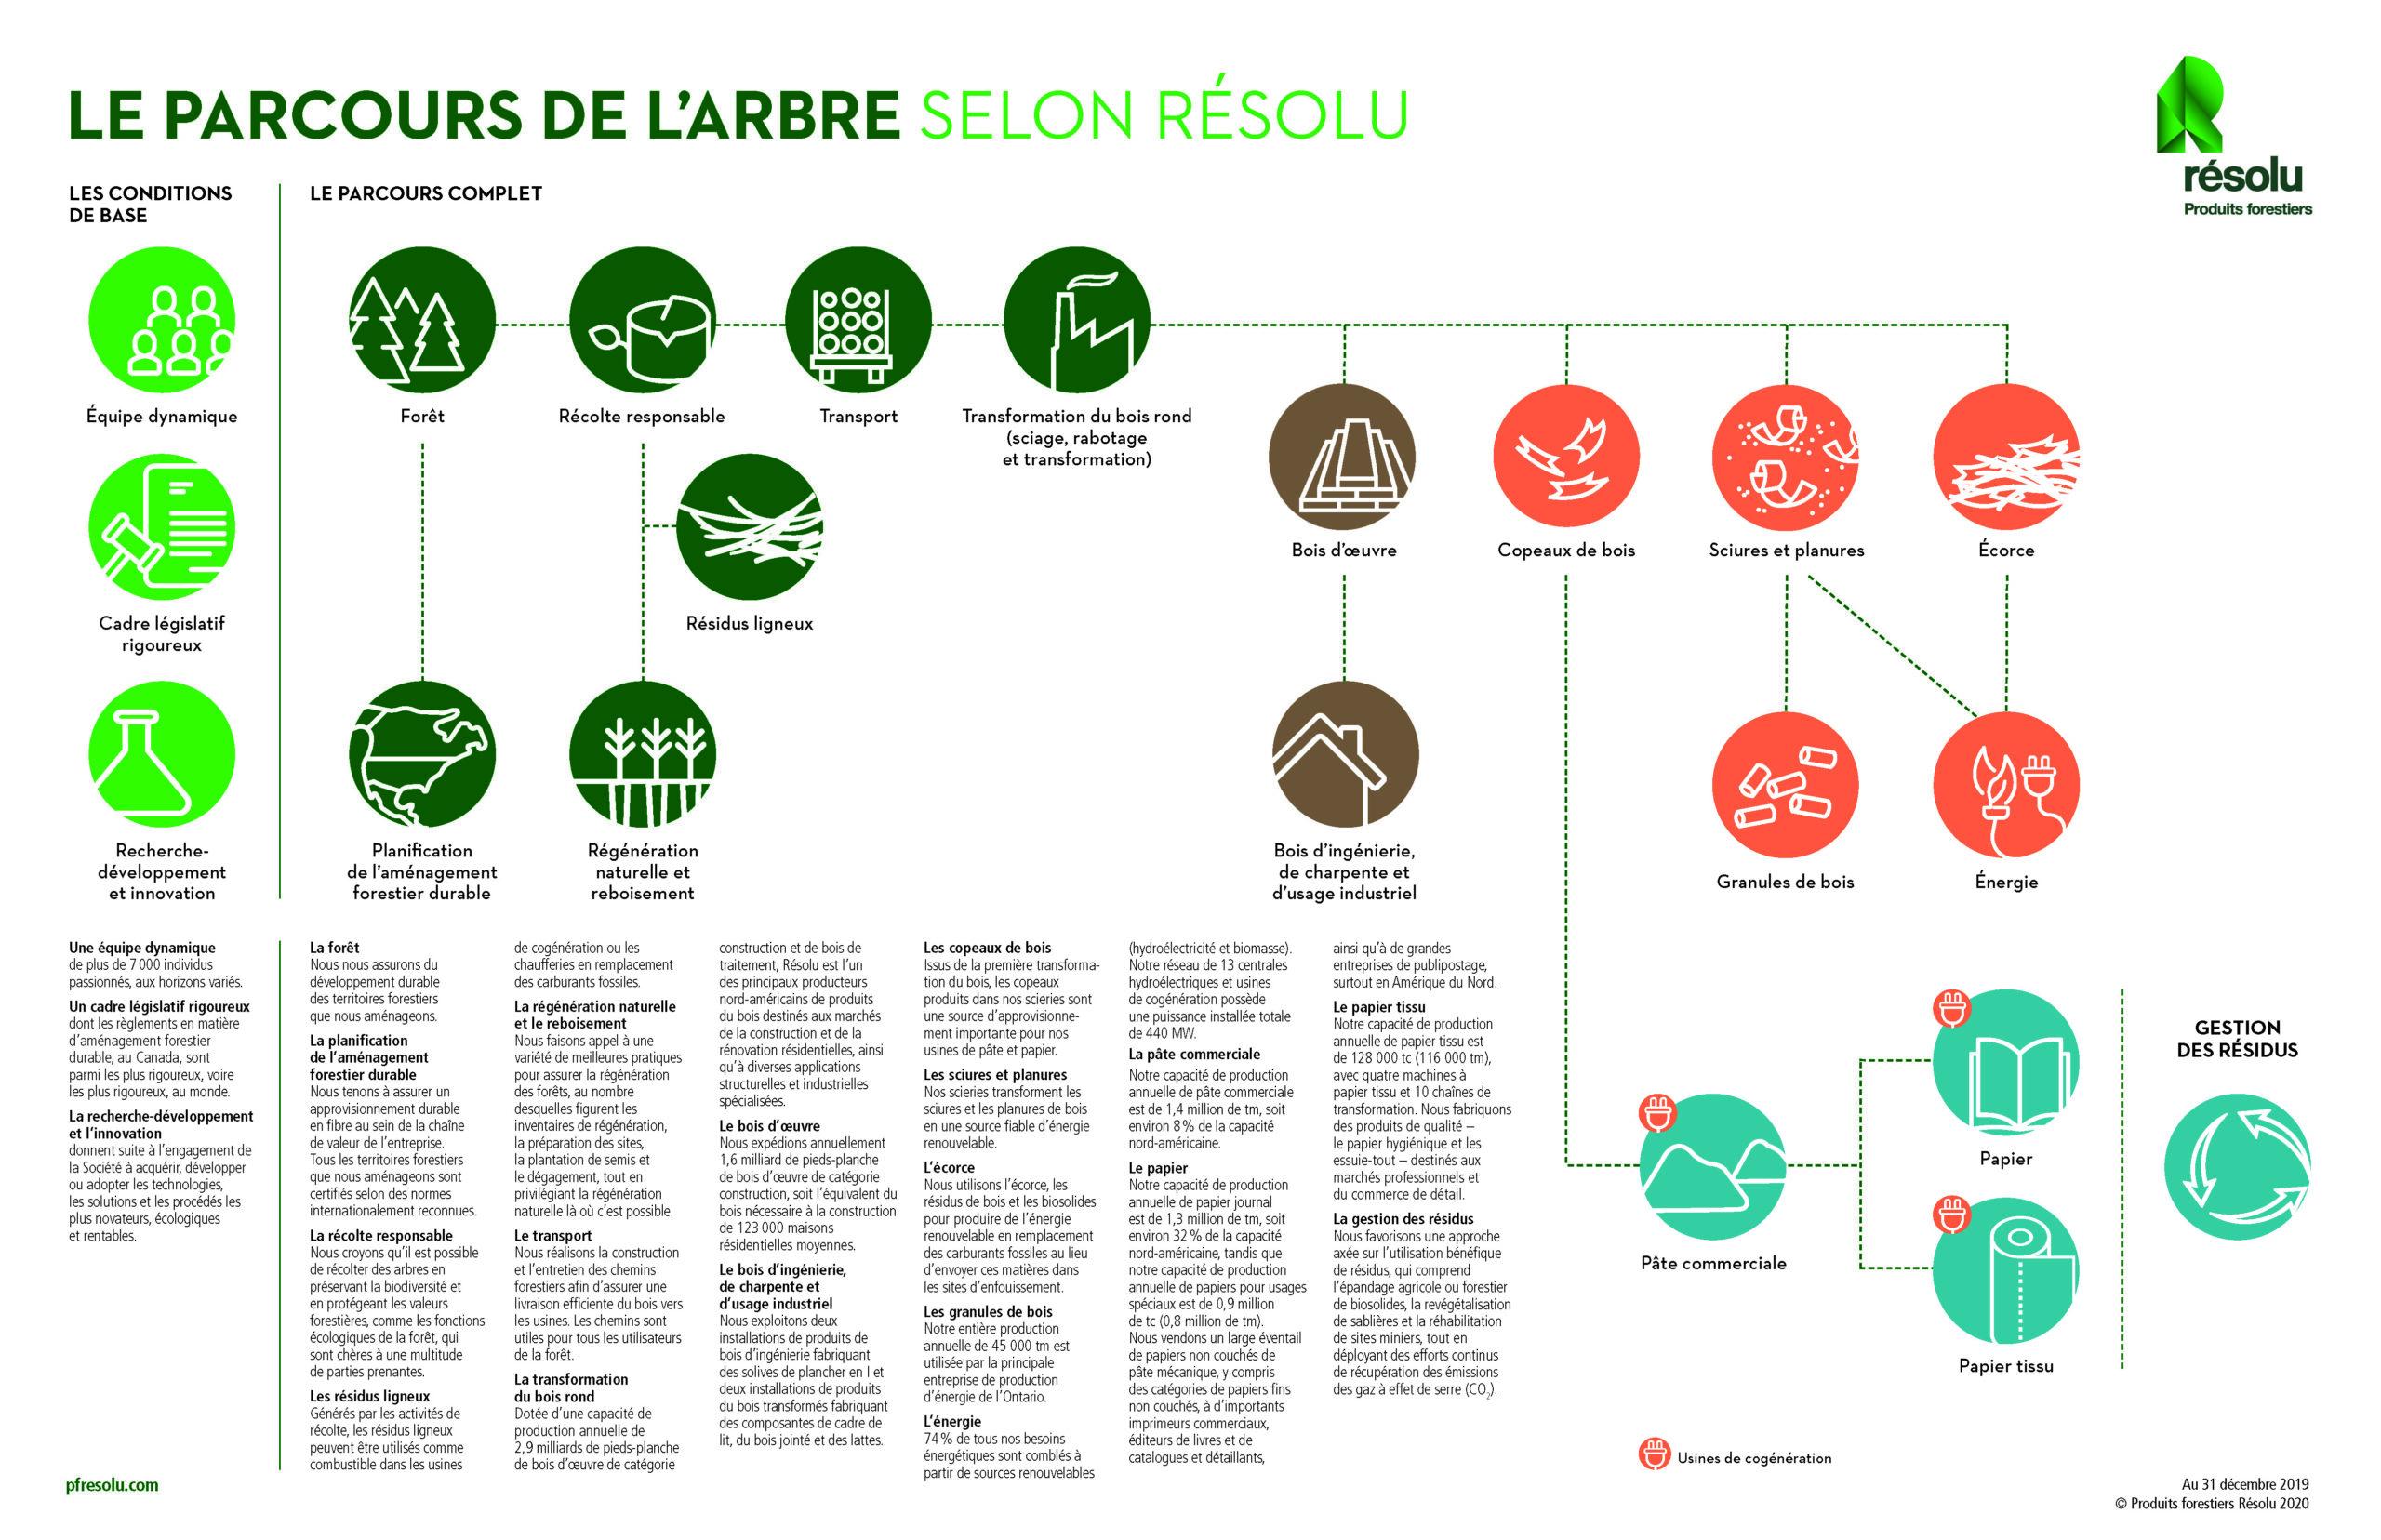 infographique parcours de l'arbre